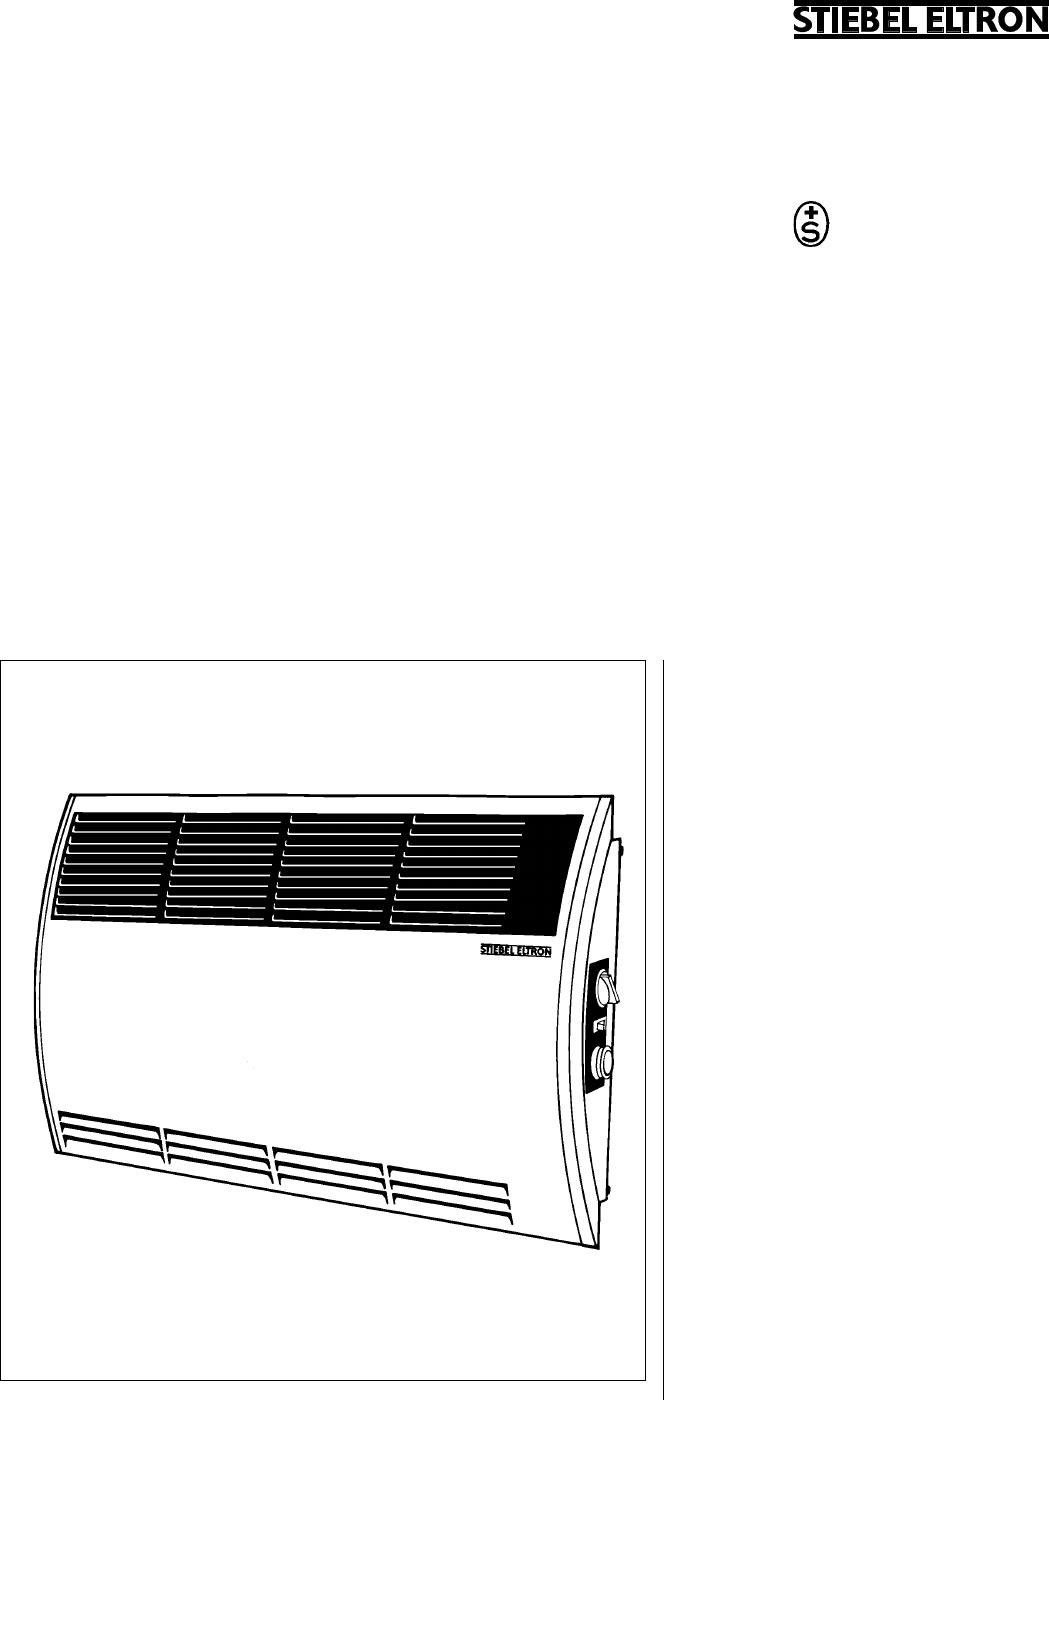 bedienungsanleitung stiebel eltron con 20zs seite 1 von. Black Bedroom Furniture Sets. Home Design Ideas